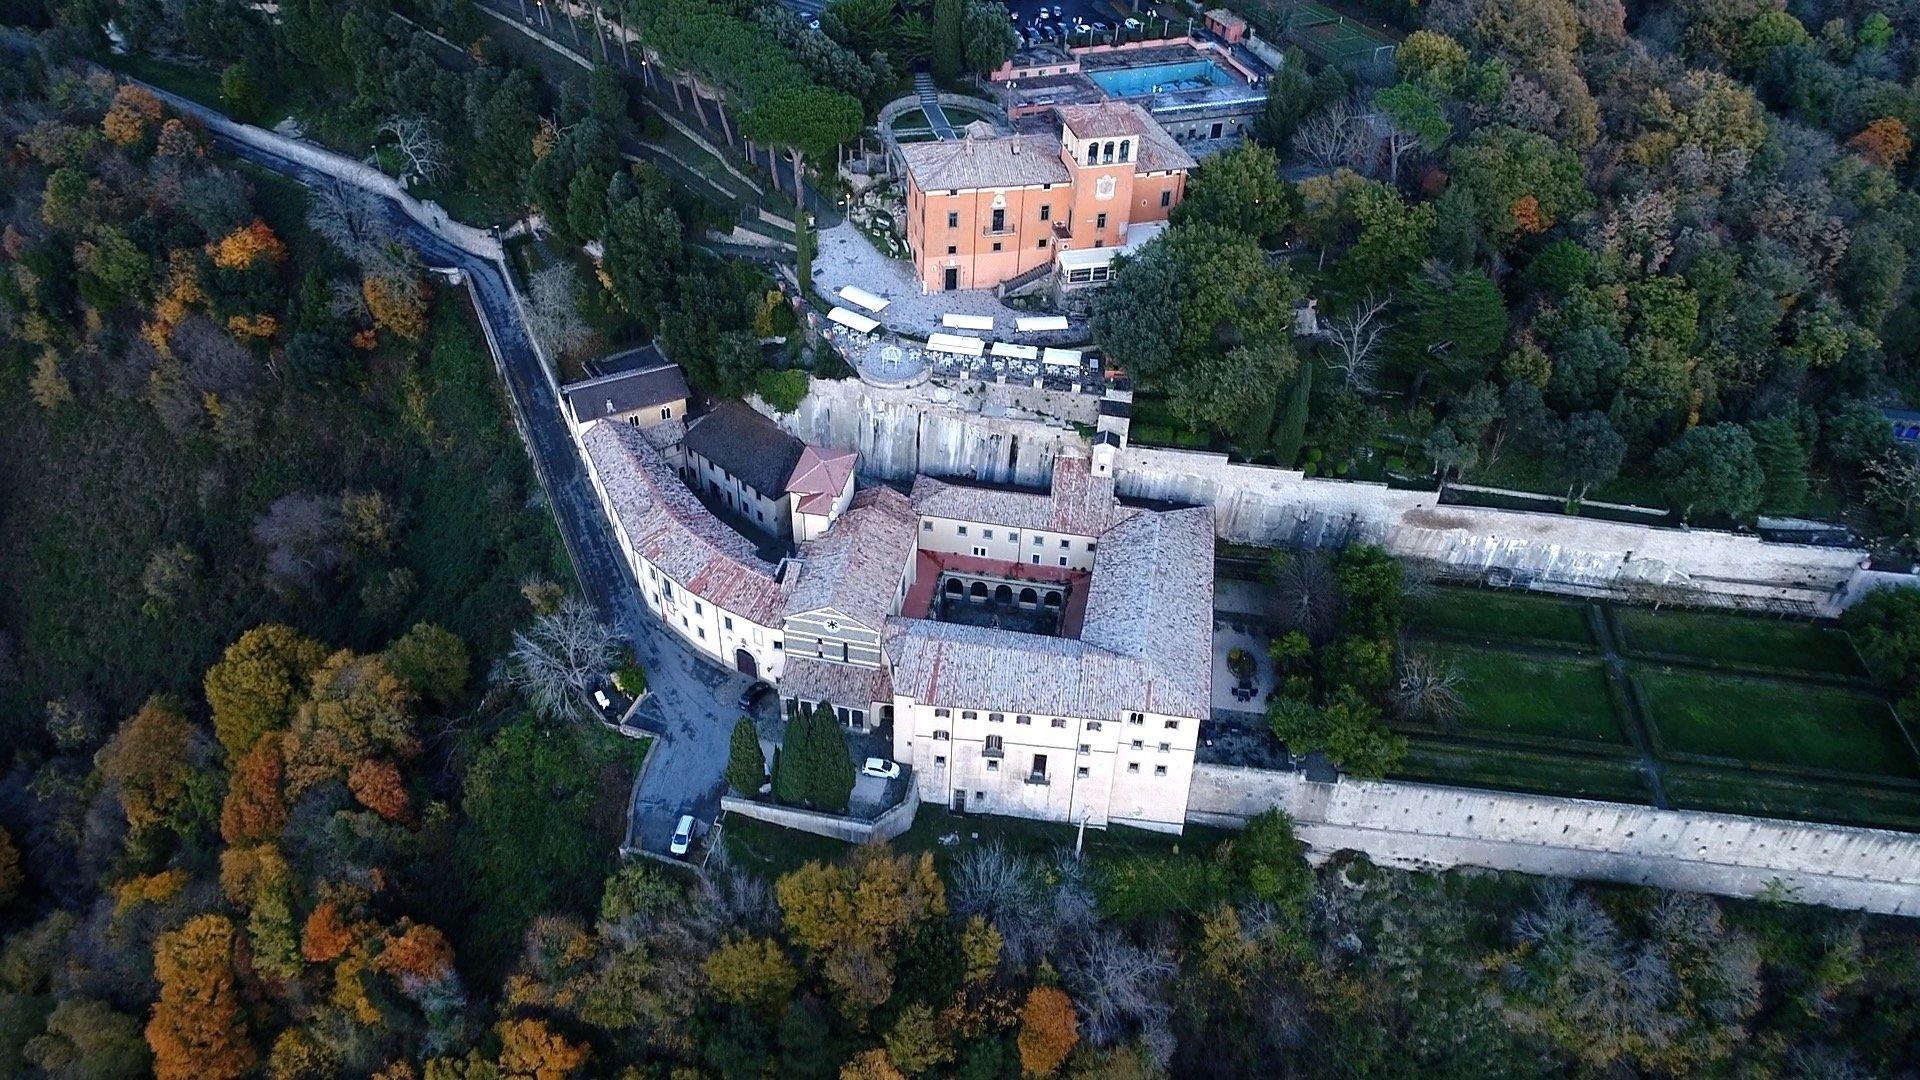 riprese aeree droni roma ristorante lusso bosco natura